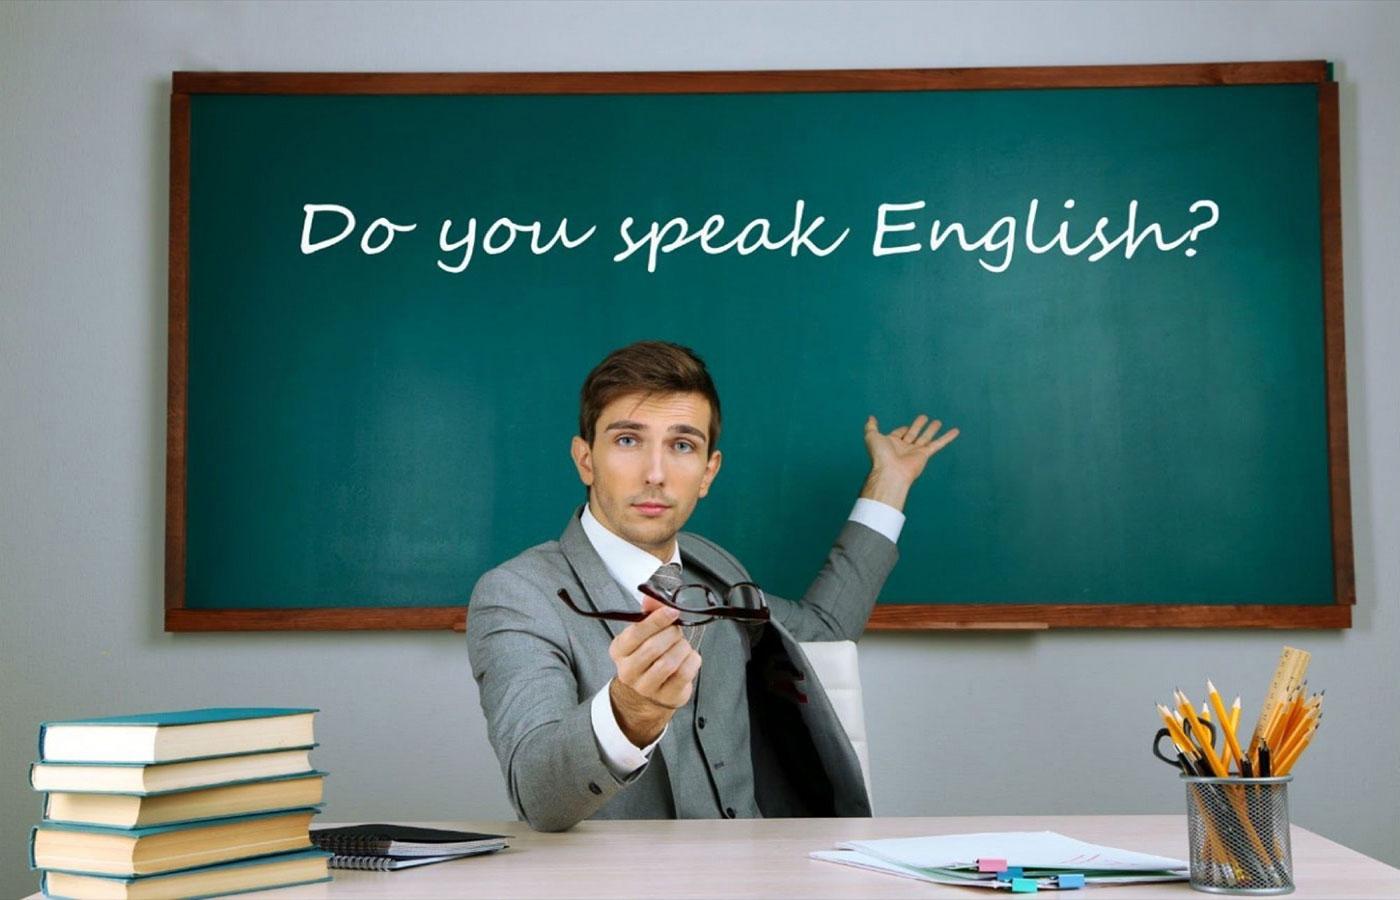 گرامر زمان گذشته در زبان انگلیسی